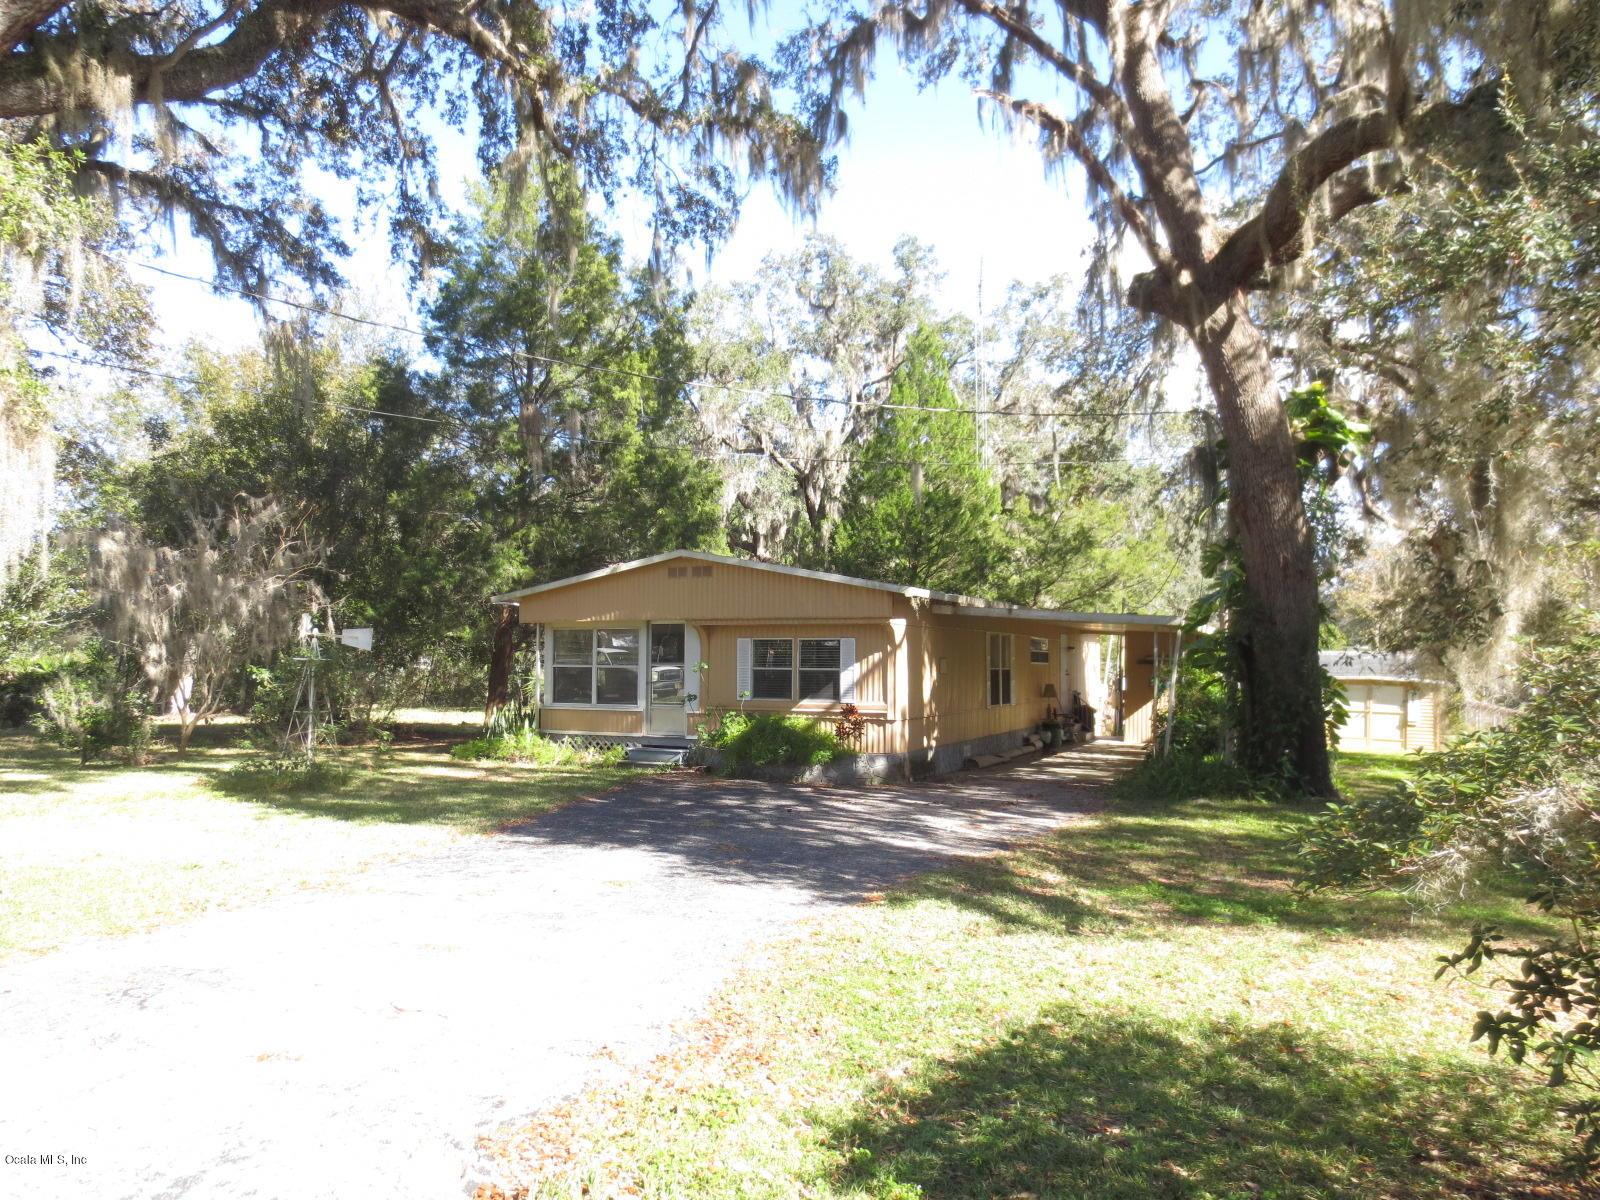 2035 SE 170 Ave Road, Silver Springs, FL 34488